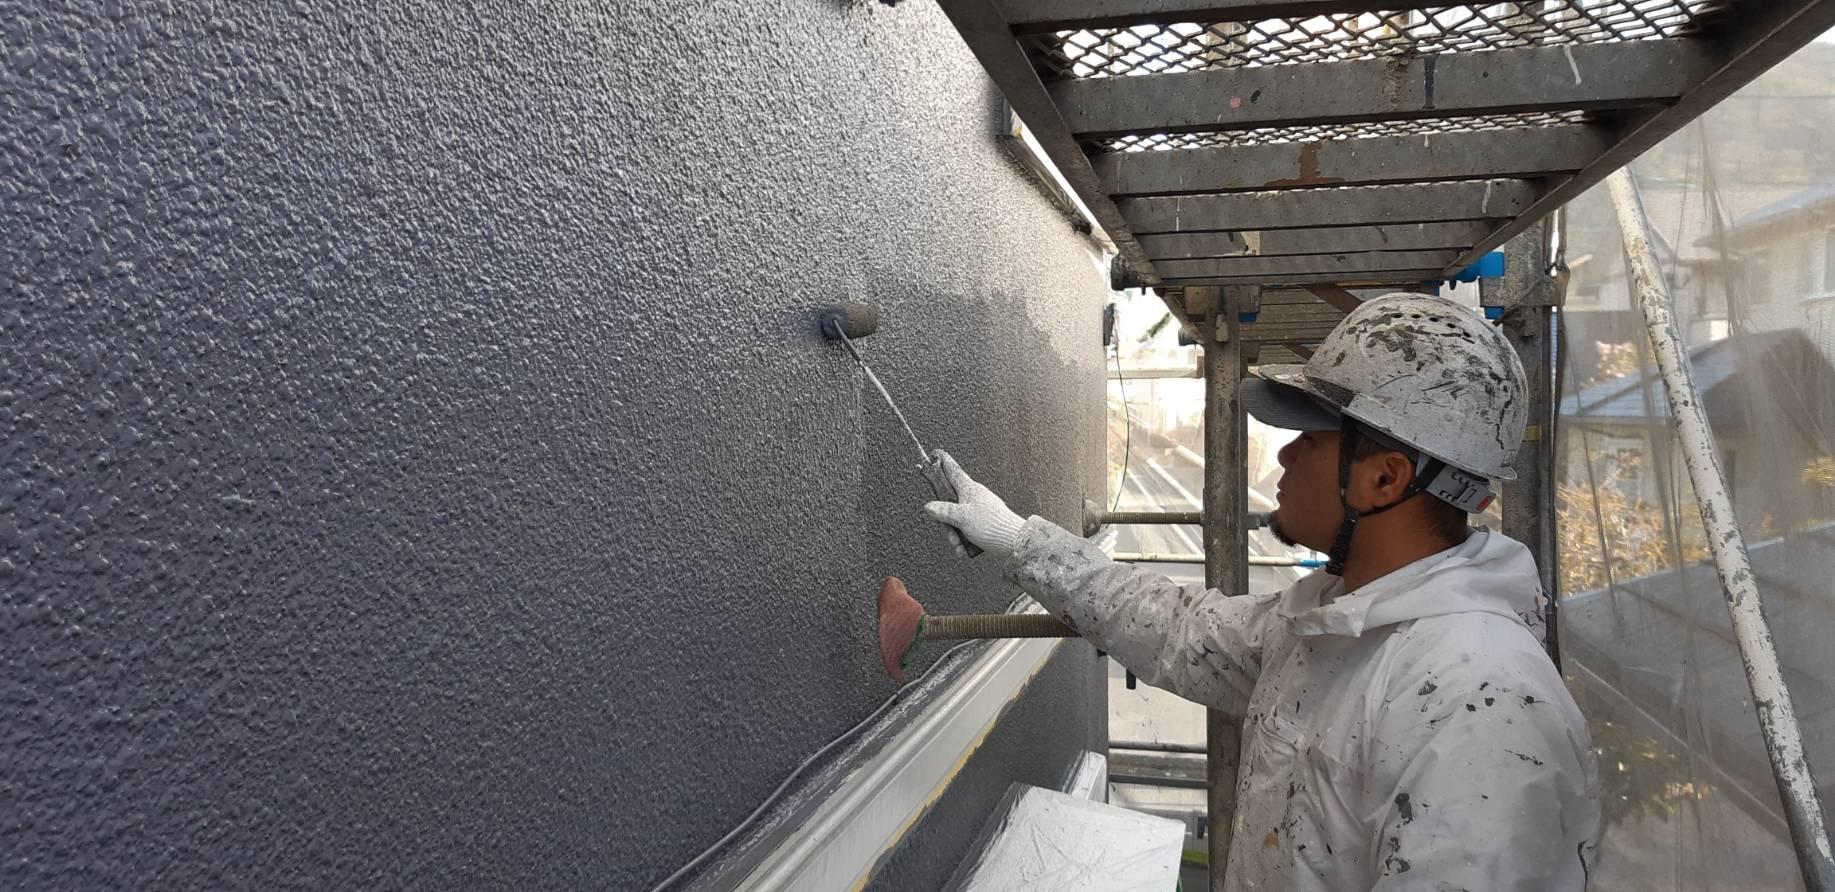 福岡県宗像市自由ヶ丘S 様邸施工5日目外壁上塗り作業